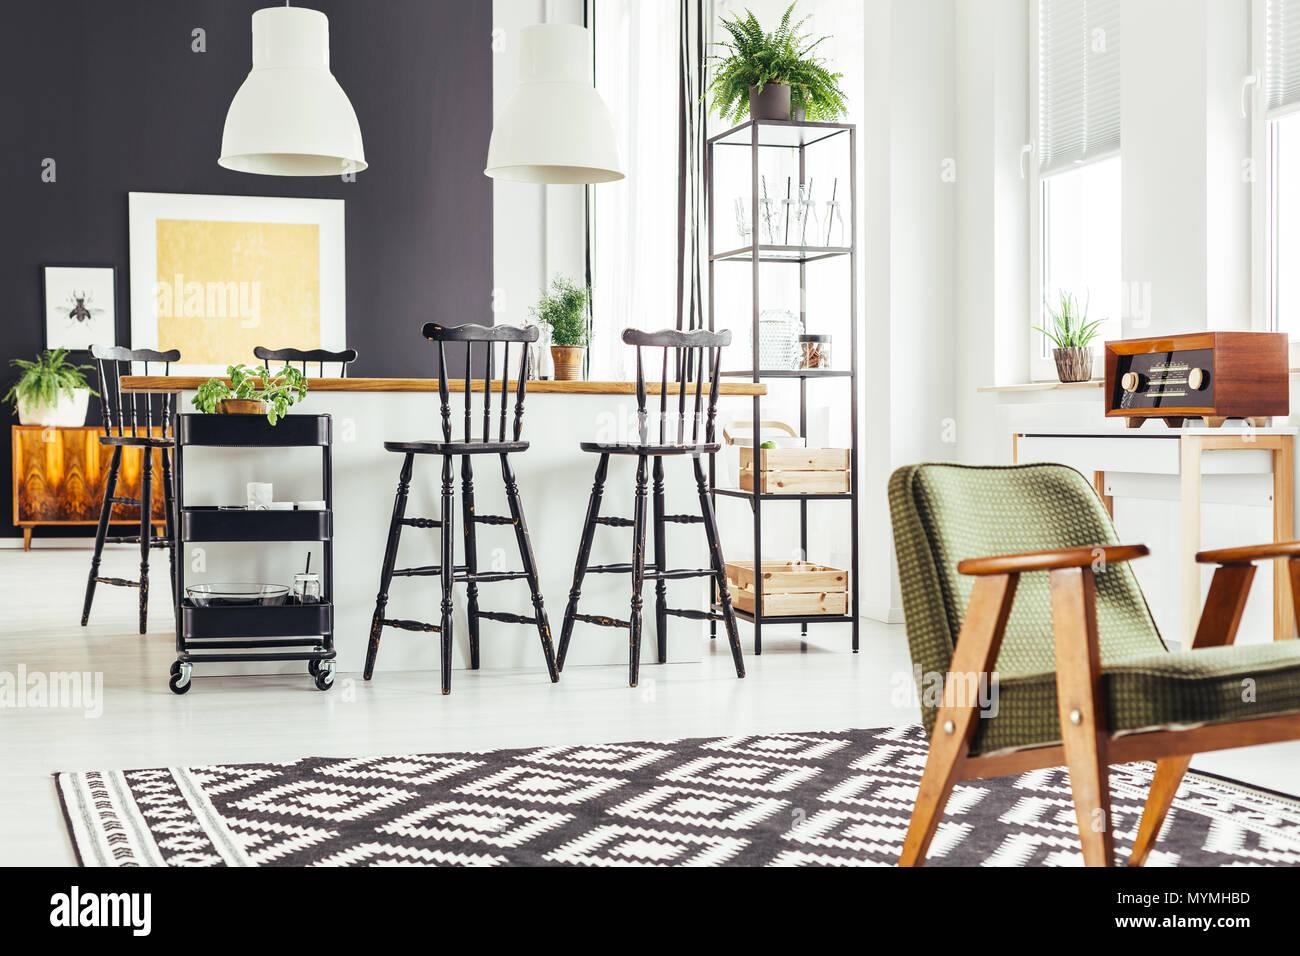 Rustico sedia verde su bianco e nero tappeto geometrico in cucina